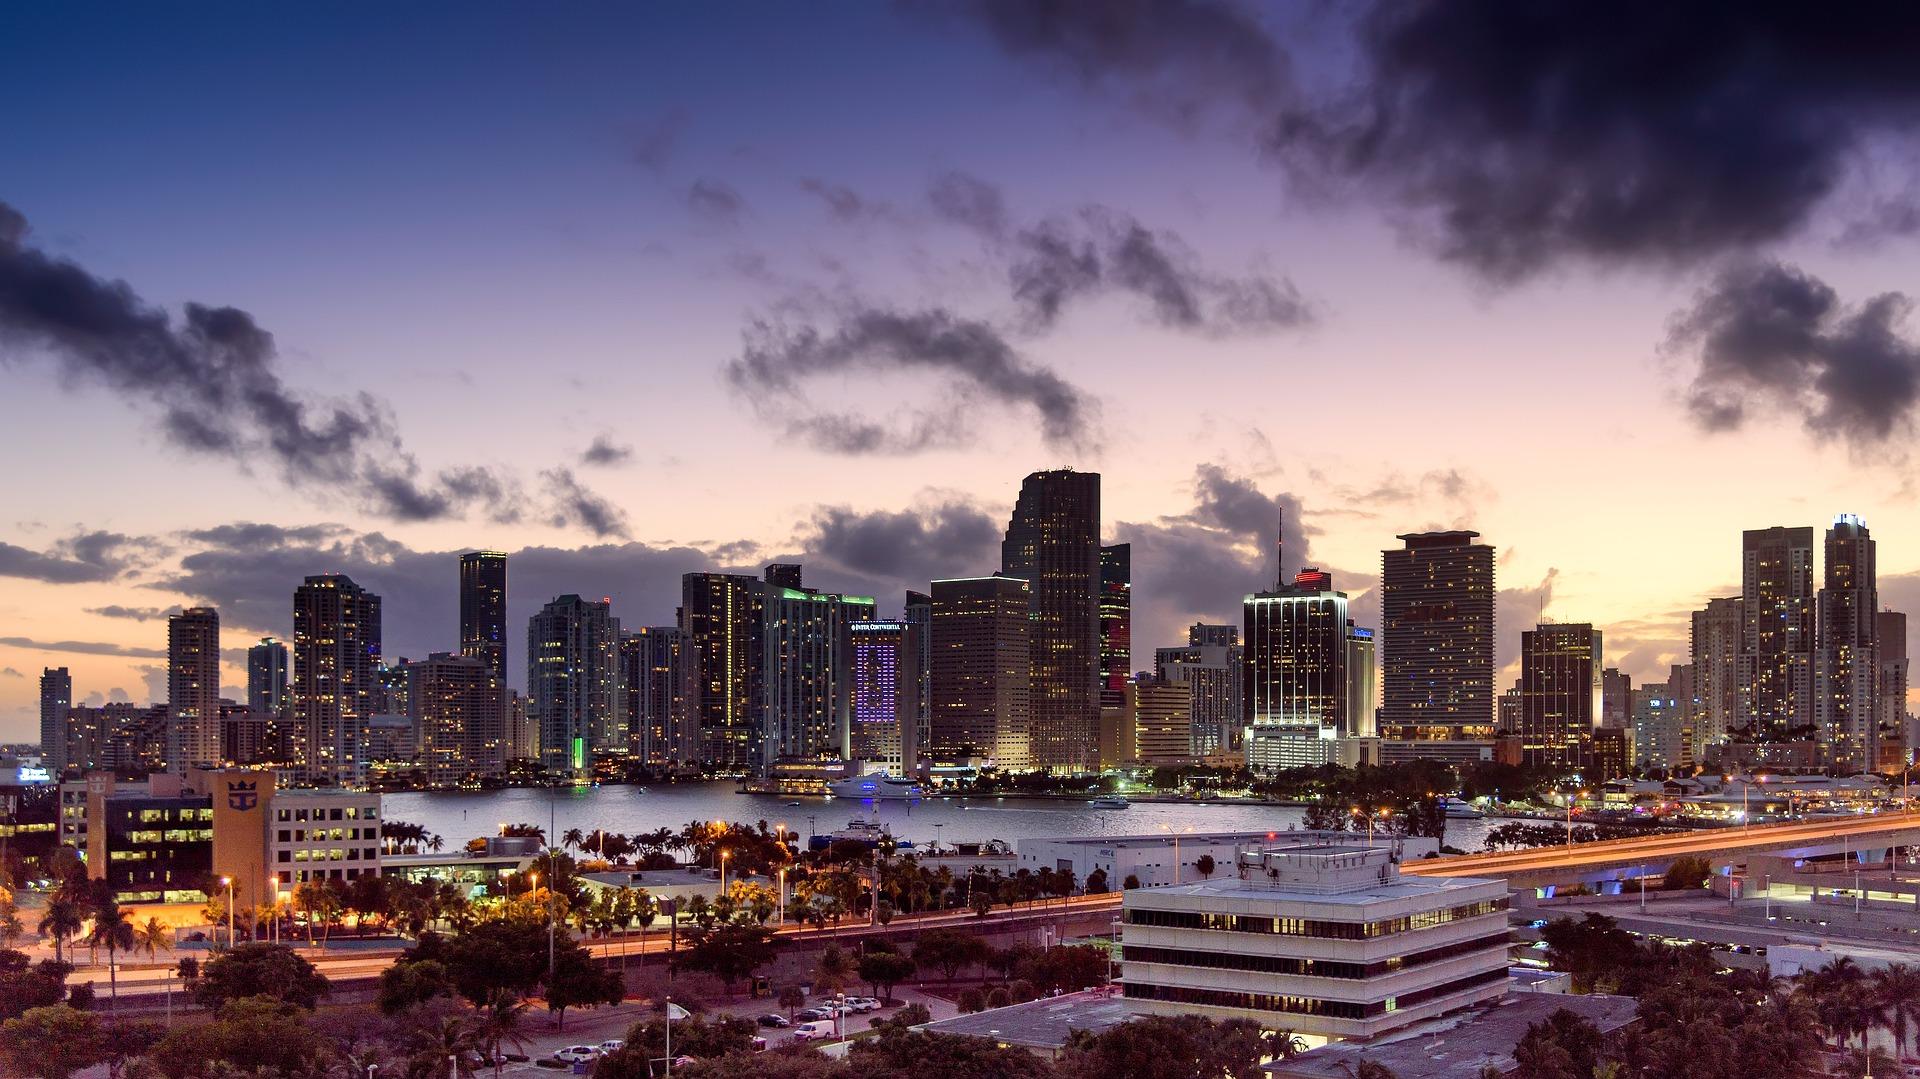 마이애미시 세계 최초 비트코인으로 급여 지급 논의